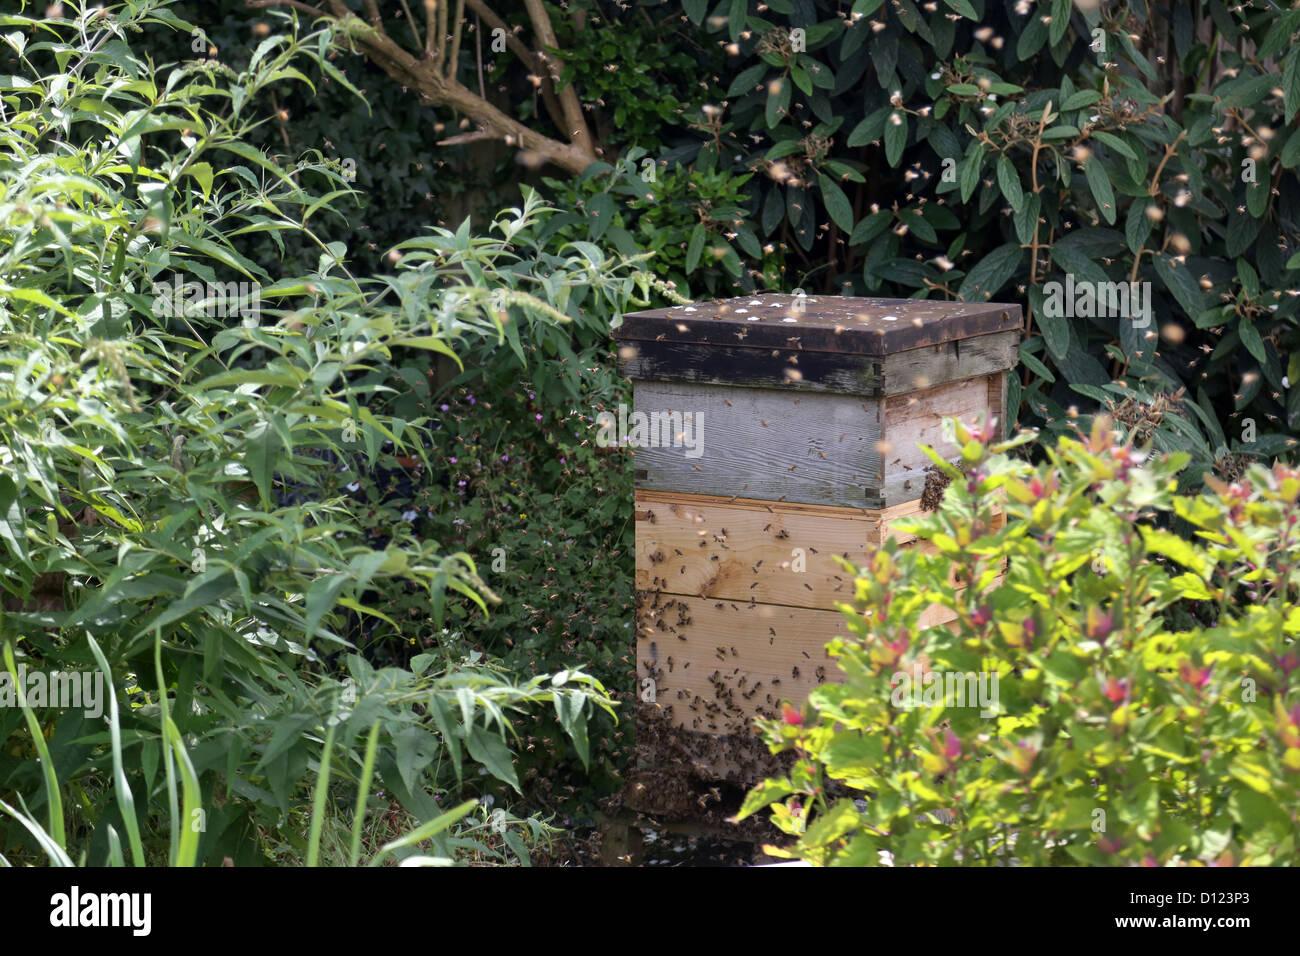 Honig Bienen Schwärmen Aus Bienenstock Im Garten Surrey England